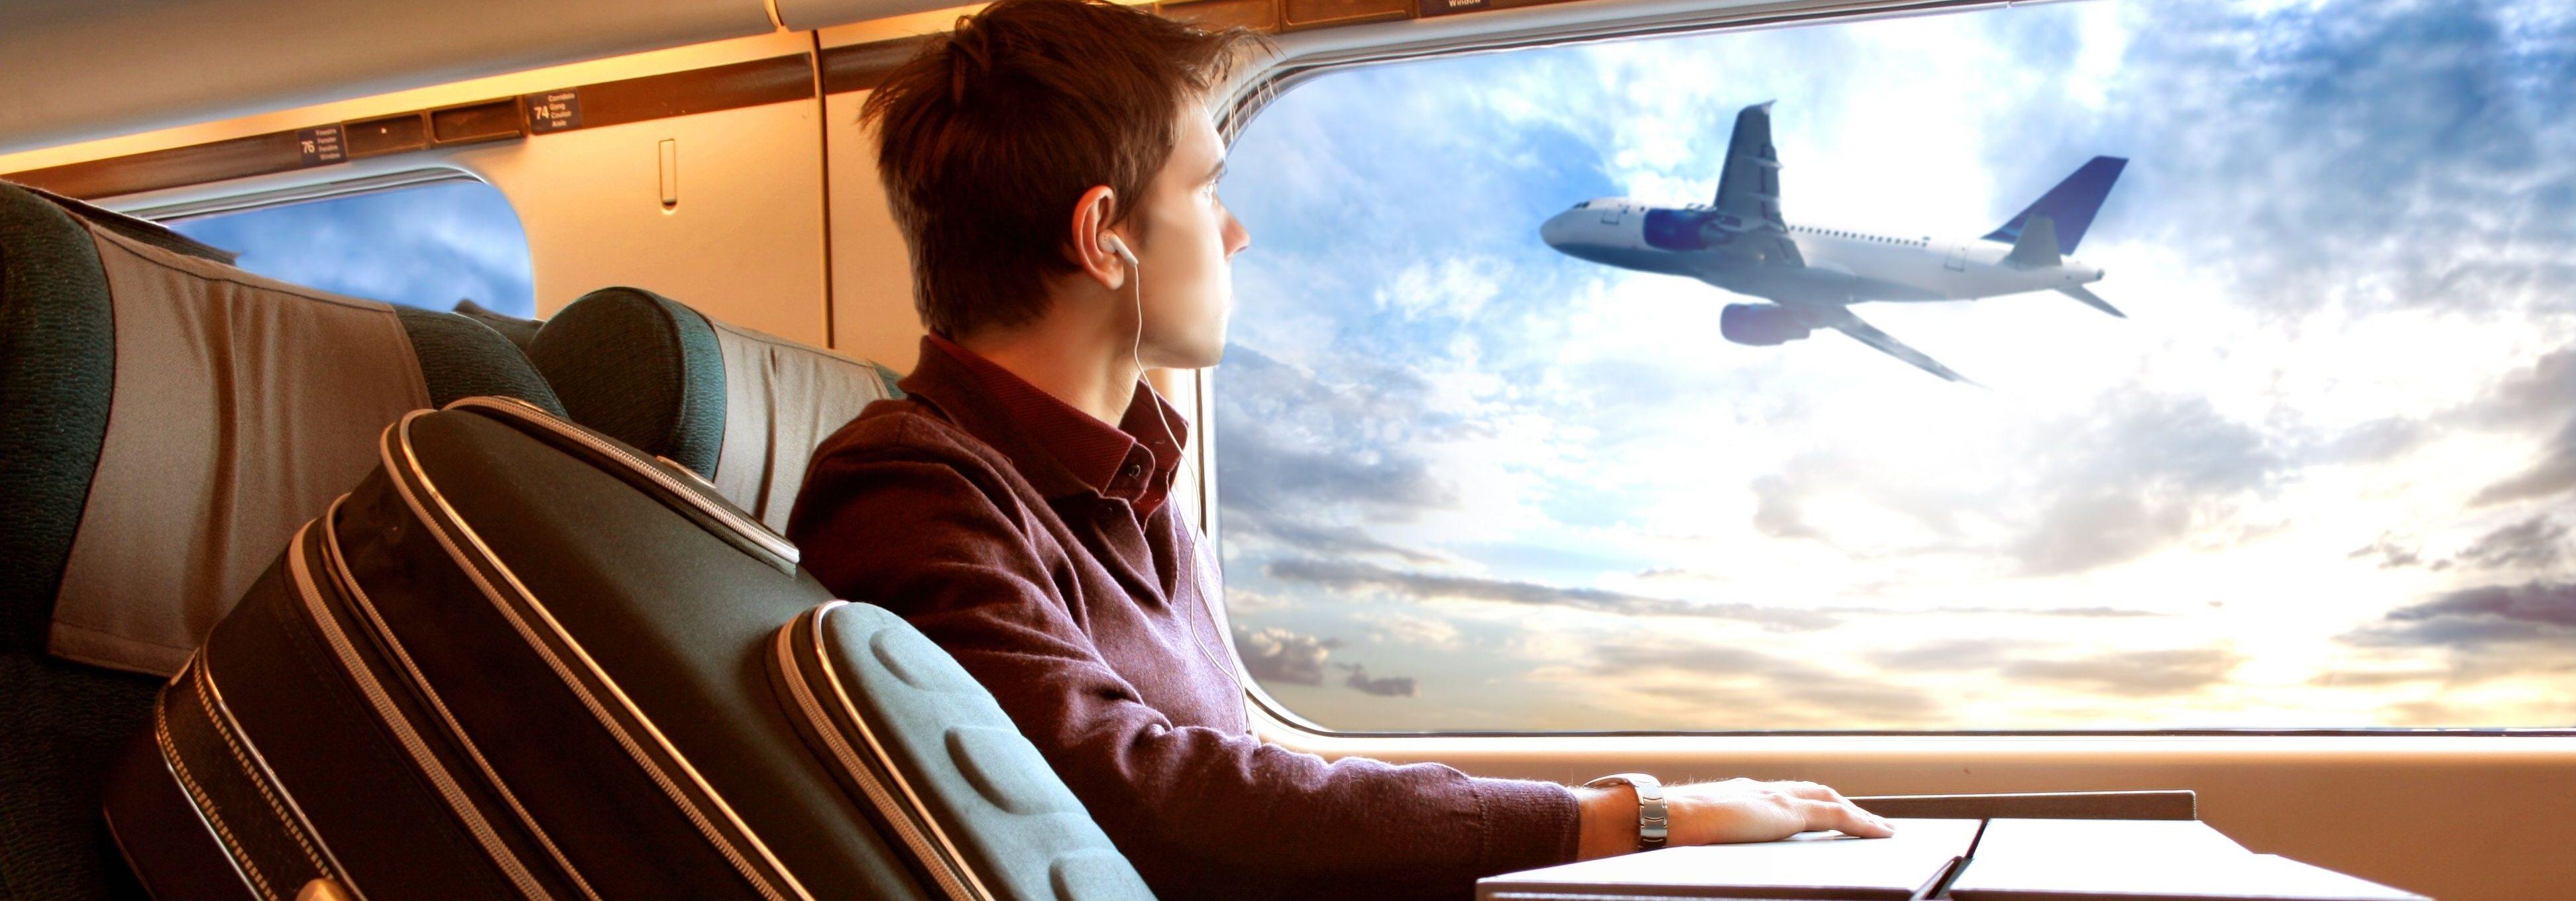 FUTURE MOD - aby cestovanie bolo zábavnejšie